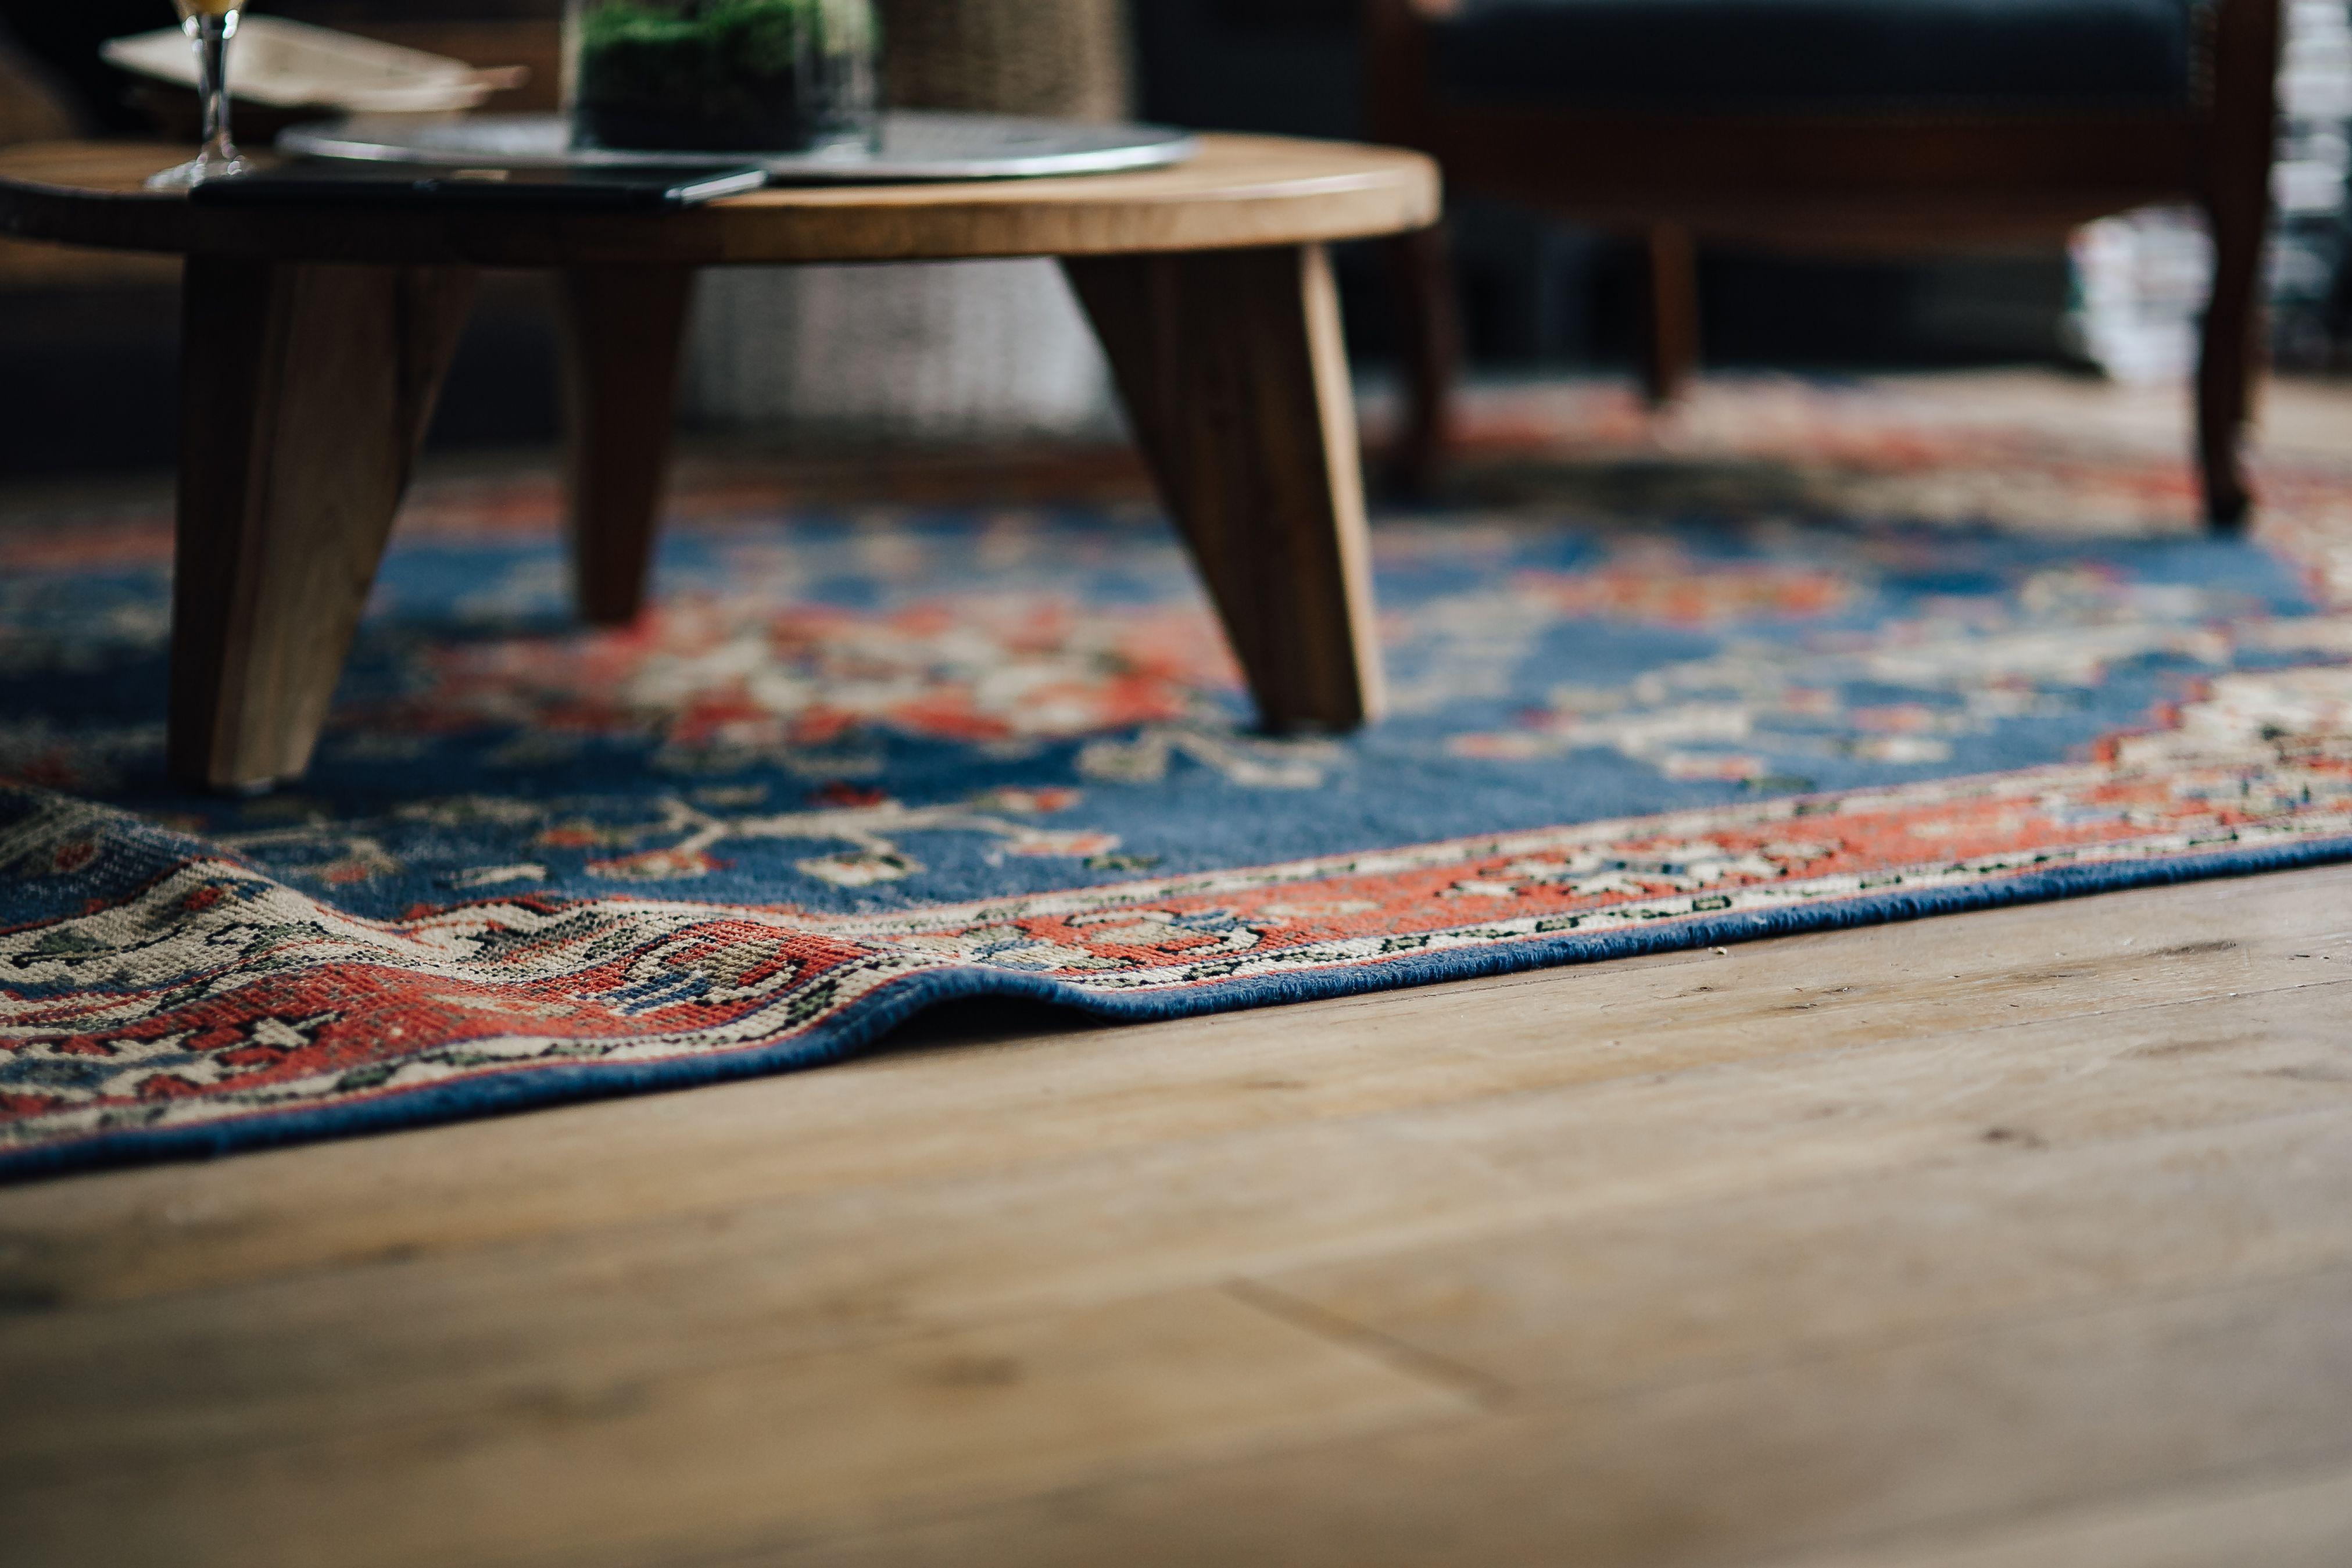 Kleurrijke Interieurs Pastel : Breng kleur in je interieur met een vloerkleed maison belle